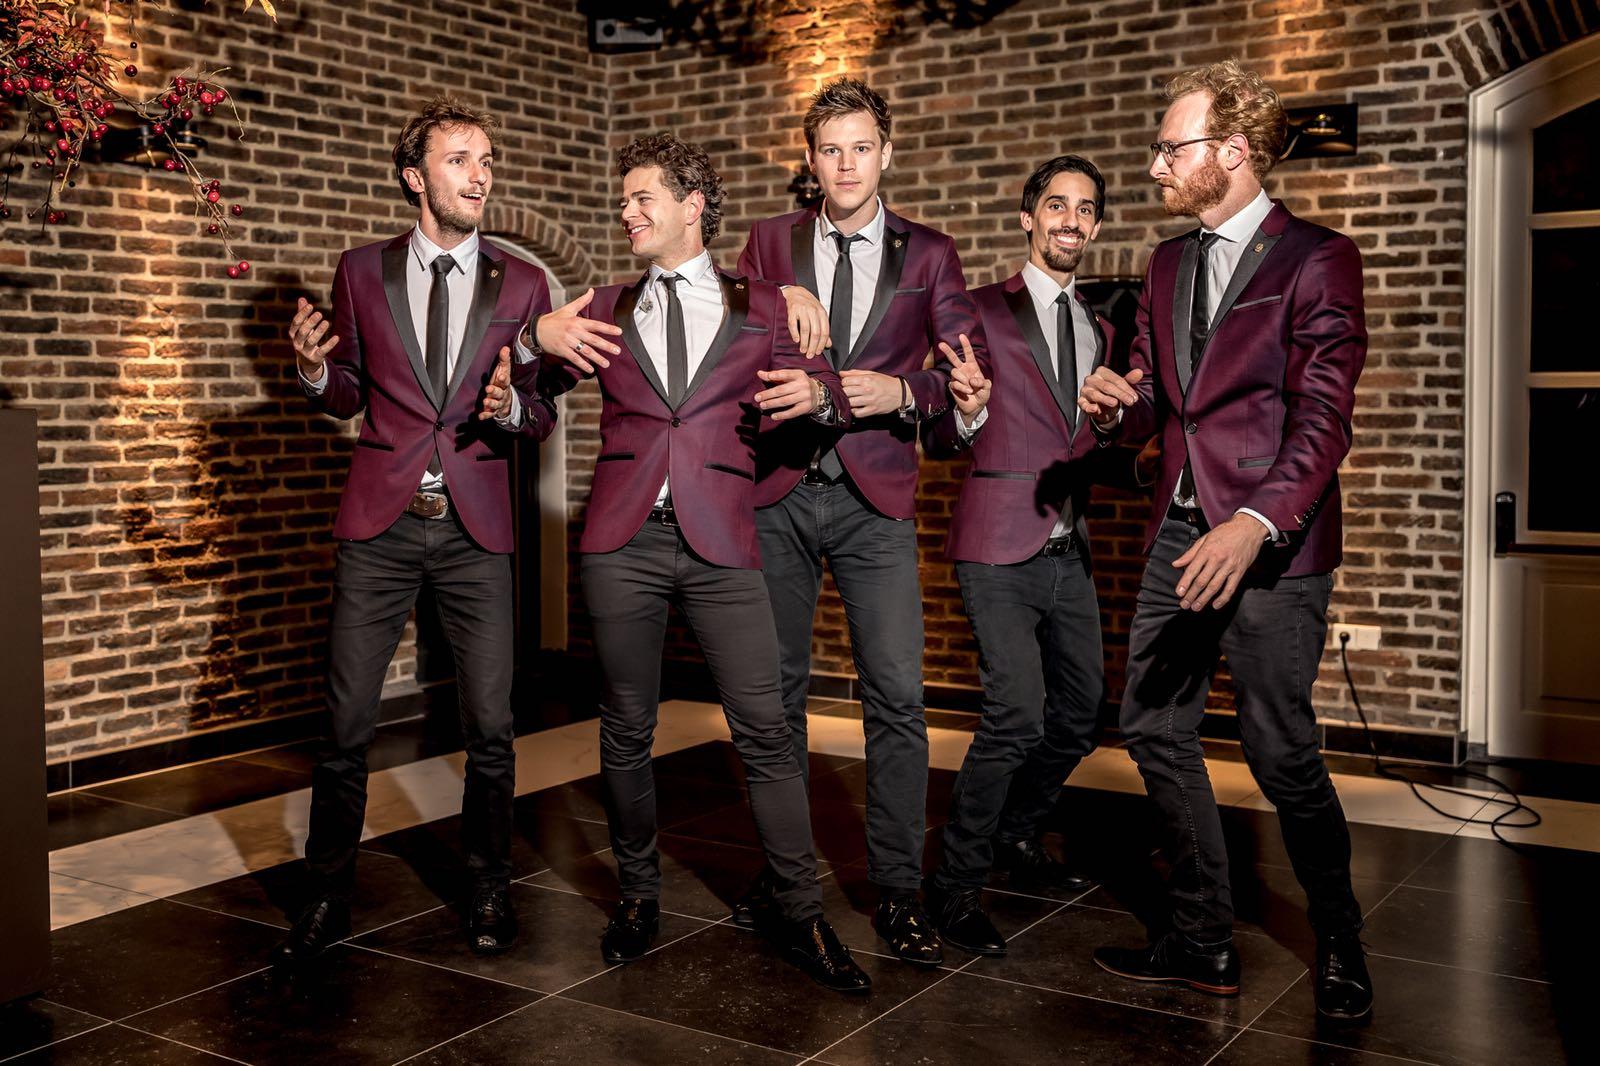 The Gentlemen | Artiest huren bij Swinging.nl